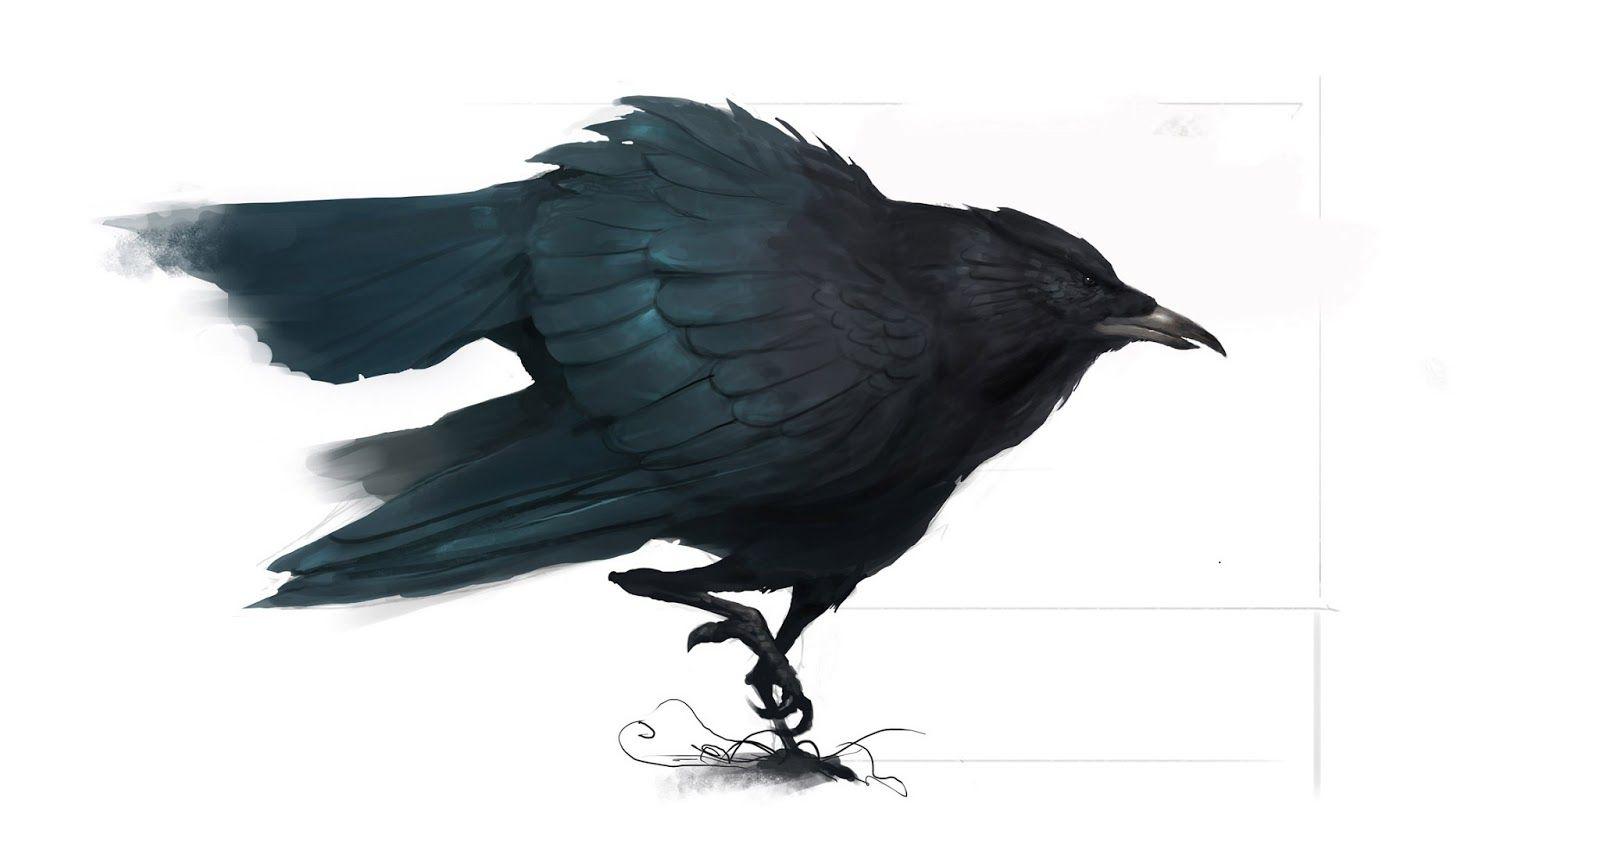 Muy linda #ilustracion de un cuervo de Coles Hole